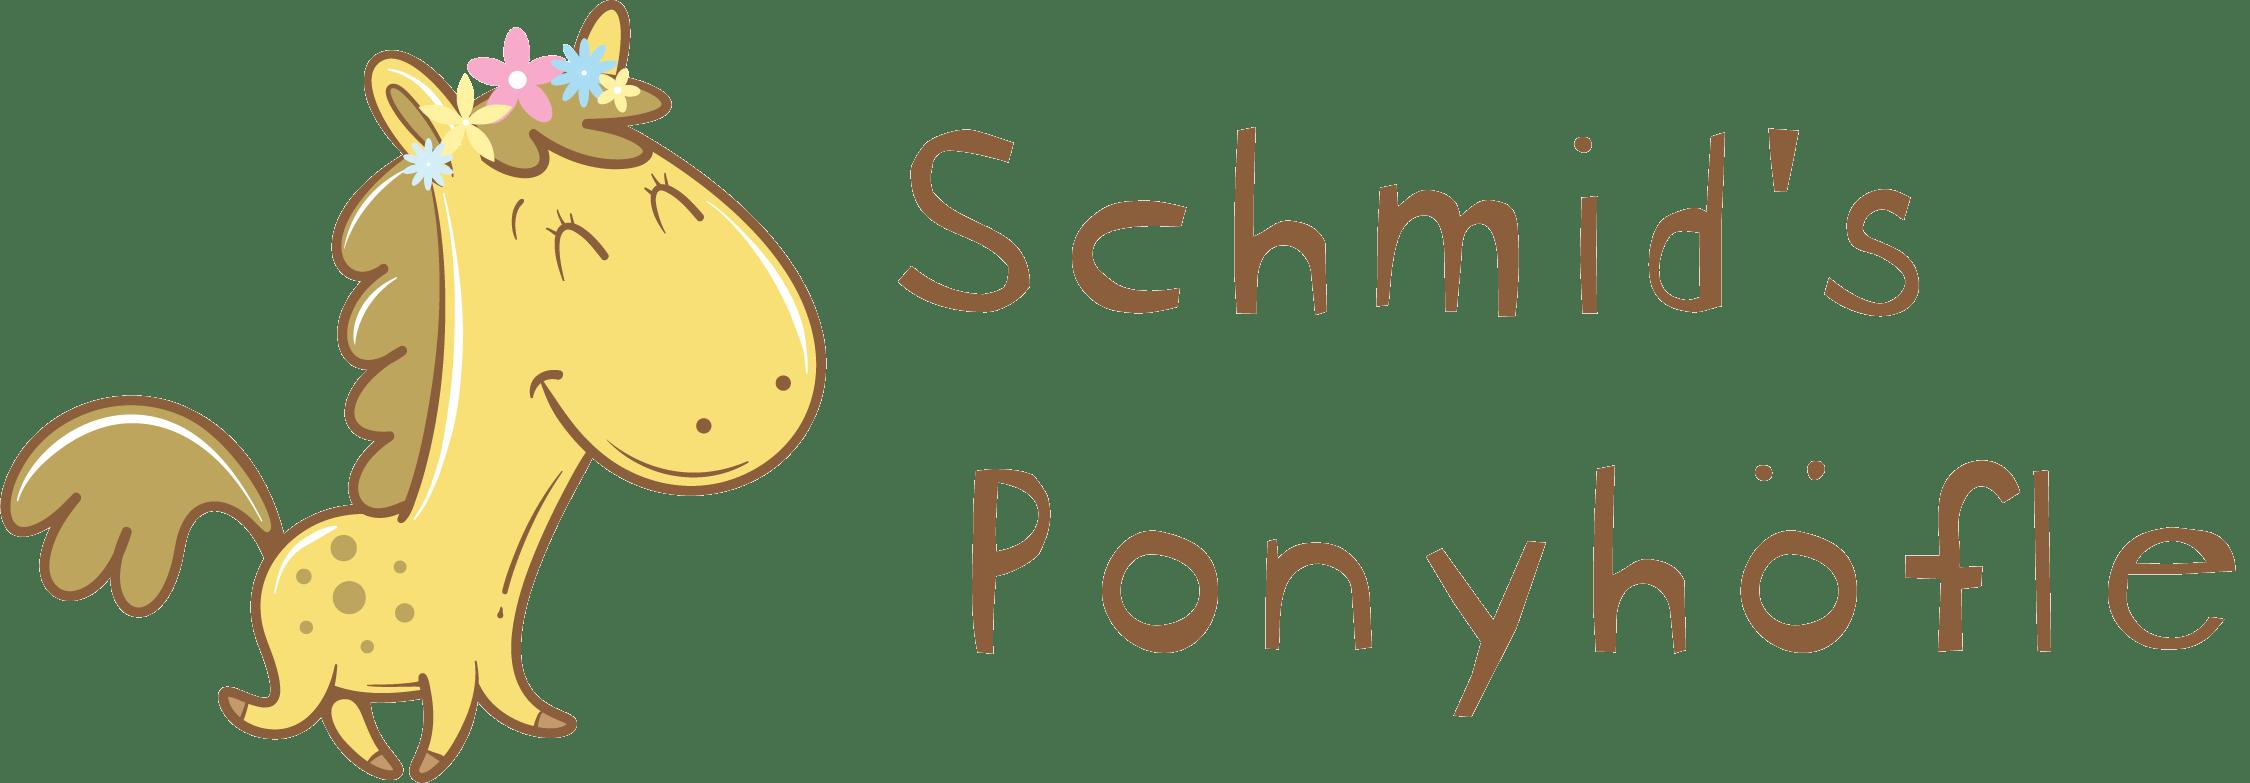 Schmid's-Ponyhöfle